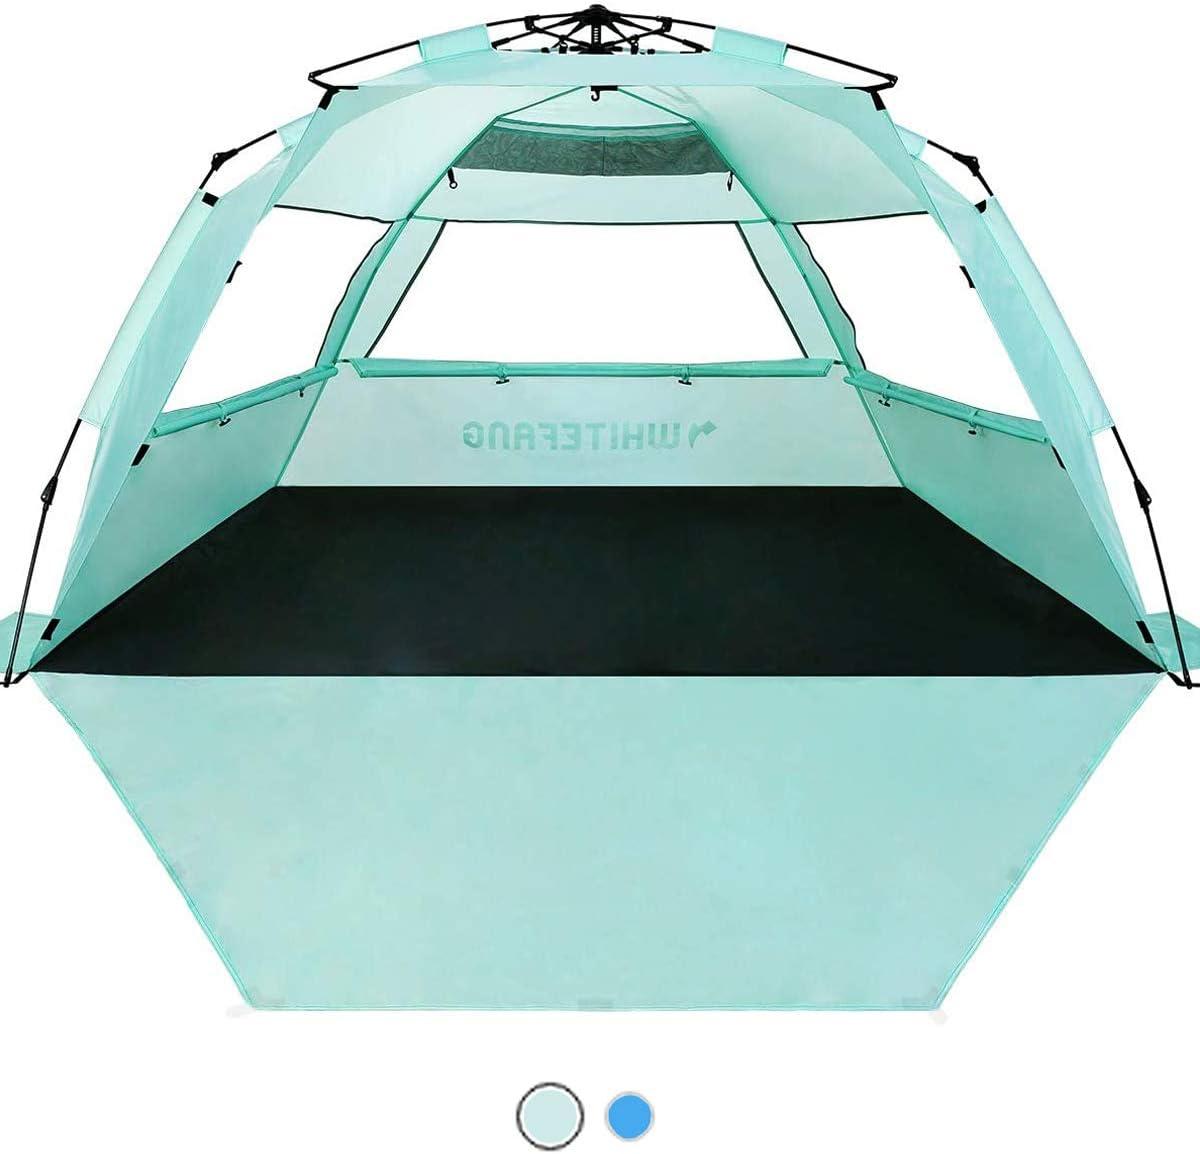 WhiteFang Deluxe XL Pop Up Beach Tent Sun Shade Shelter